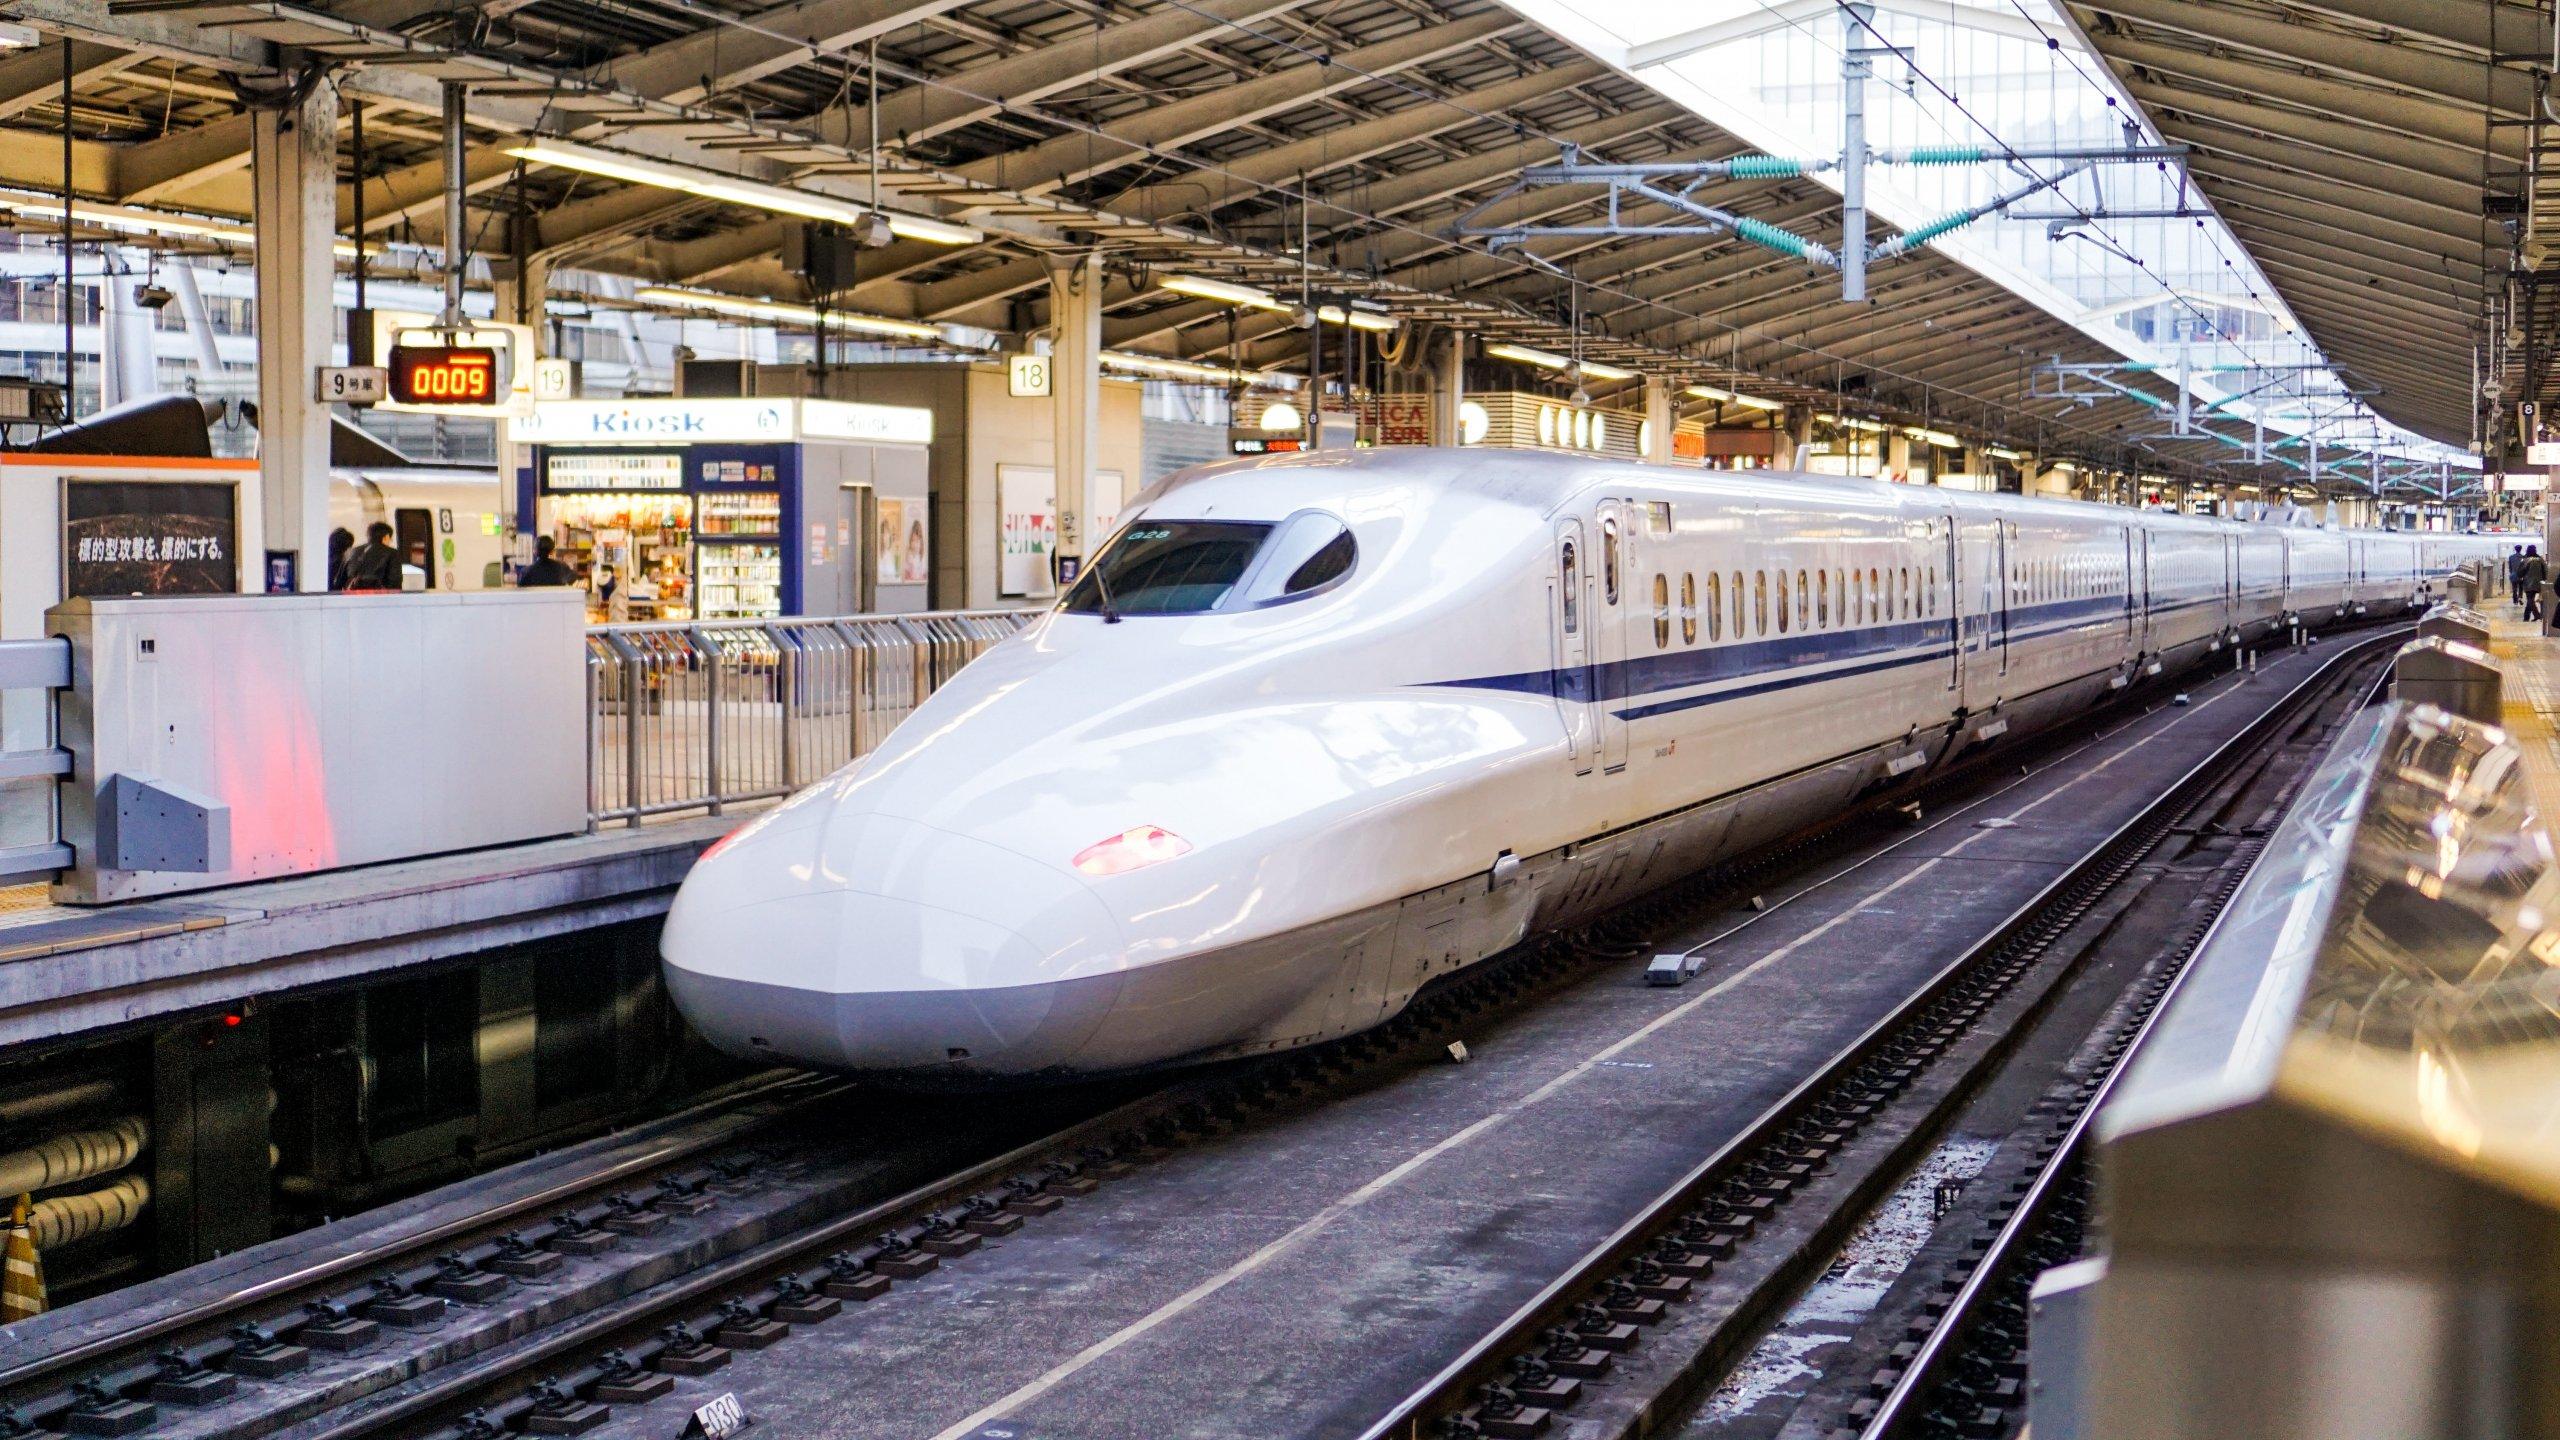 Kako su tvorci Shinkansenovog brzog vlaka pronašli rješenja svojih problema u izgledu ptica